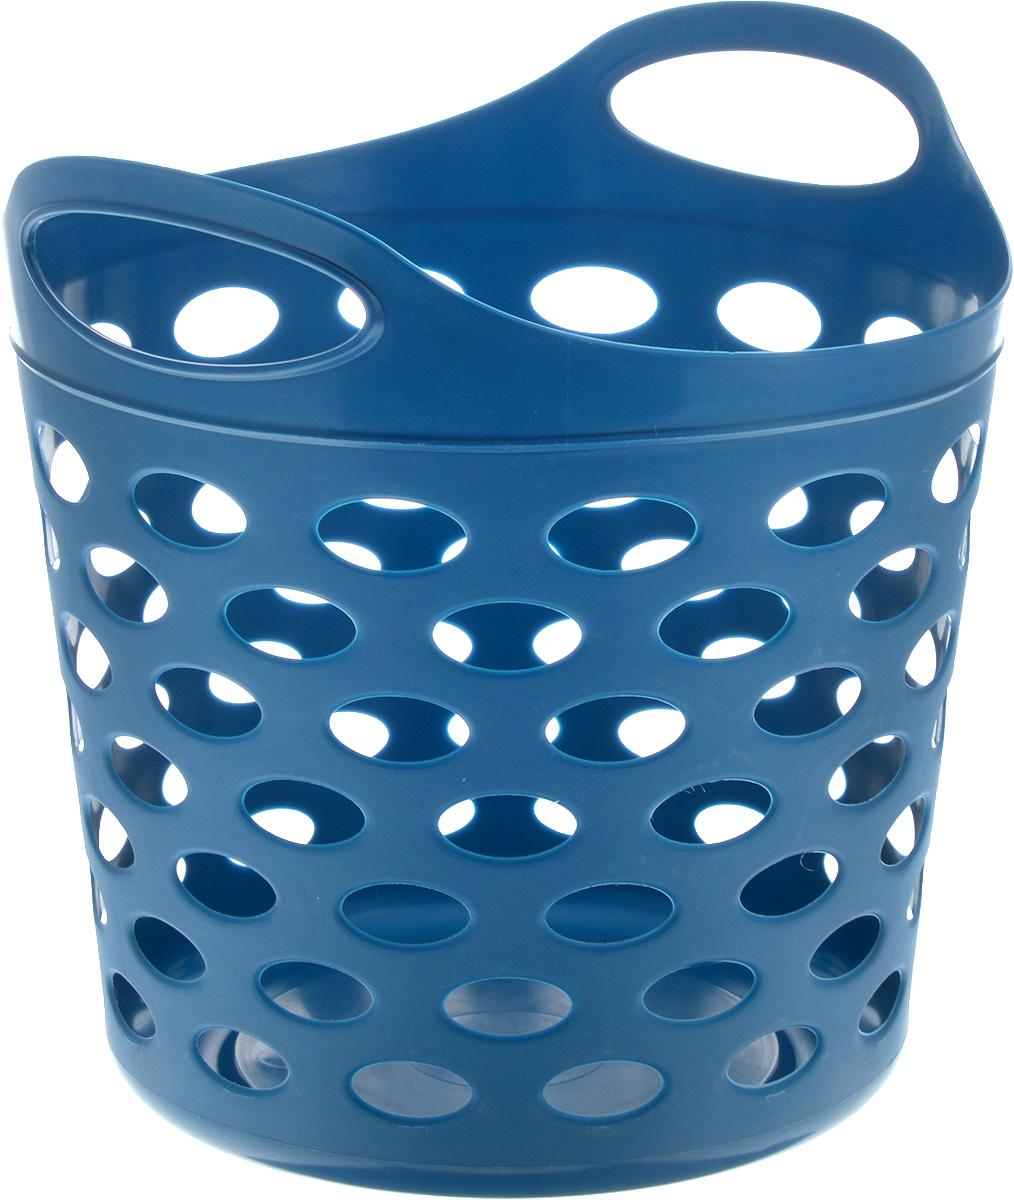 Корзина-сумка Gensini, универсальная, цвет: синий, 13 л74-0060Универсальная корзина-сумка Gensini отлично подойдет для хранения белья перед стиркой, игрушек и других вещей. Она выполнена из высококачественного мягкого пластика и оснащена двумя удобными ручками для переноски. Боковые стенки оформлены перфорацией, которая обеспечивает вентиляцию белья. Современный дизайн корзины-сумки позволит ей вписаться в любой интерьер, а благодаря своим компактным размерам она не займет много места.